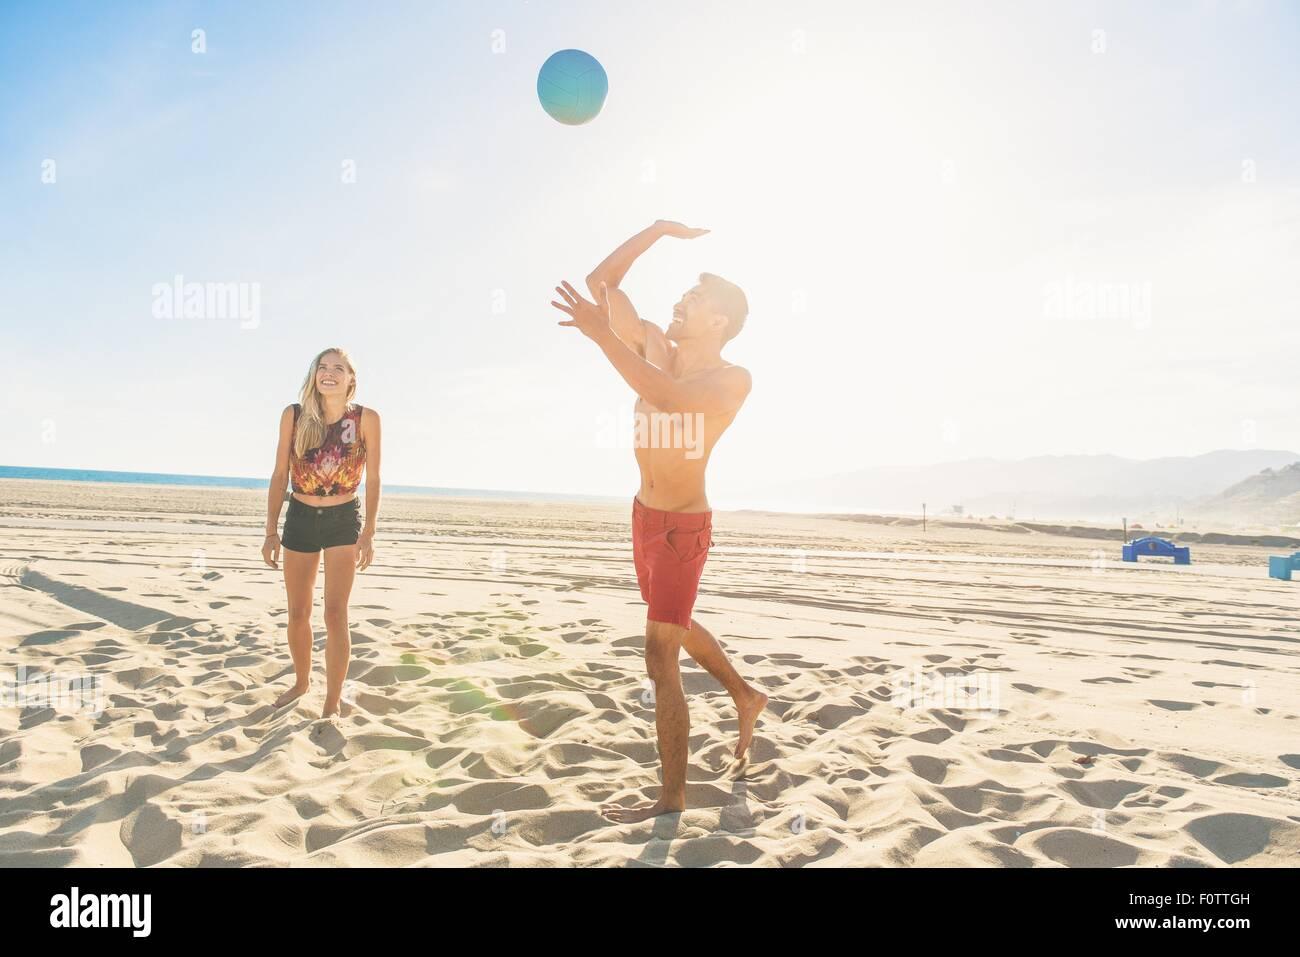 Joven en la playa va a golpear el voleibol Imagen De Stock